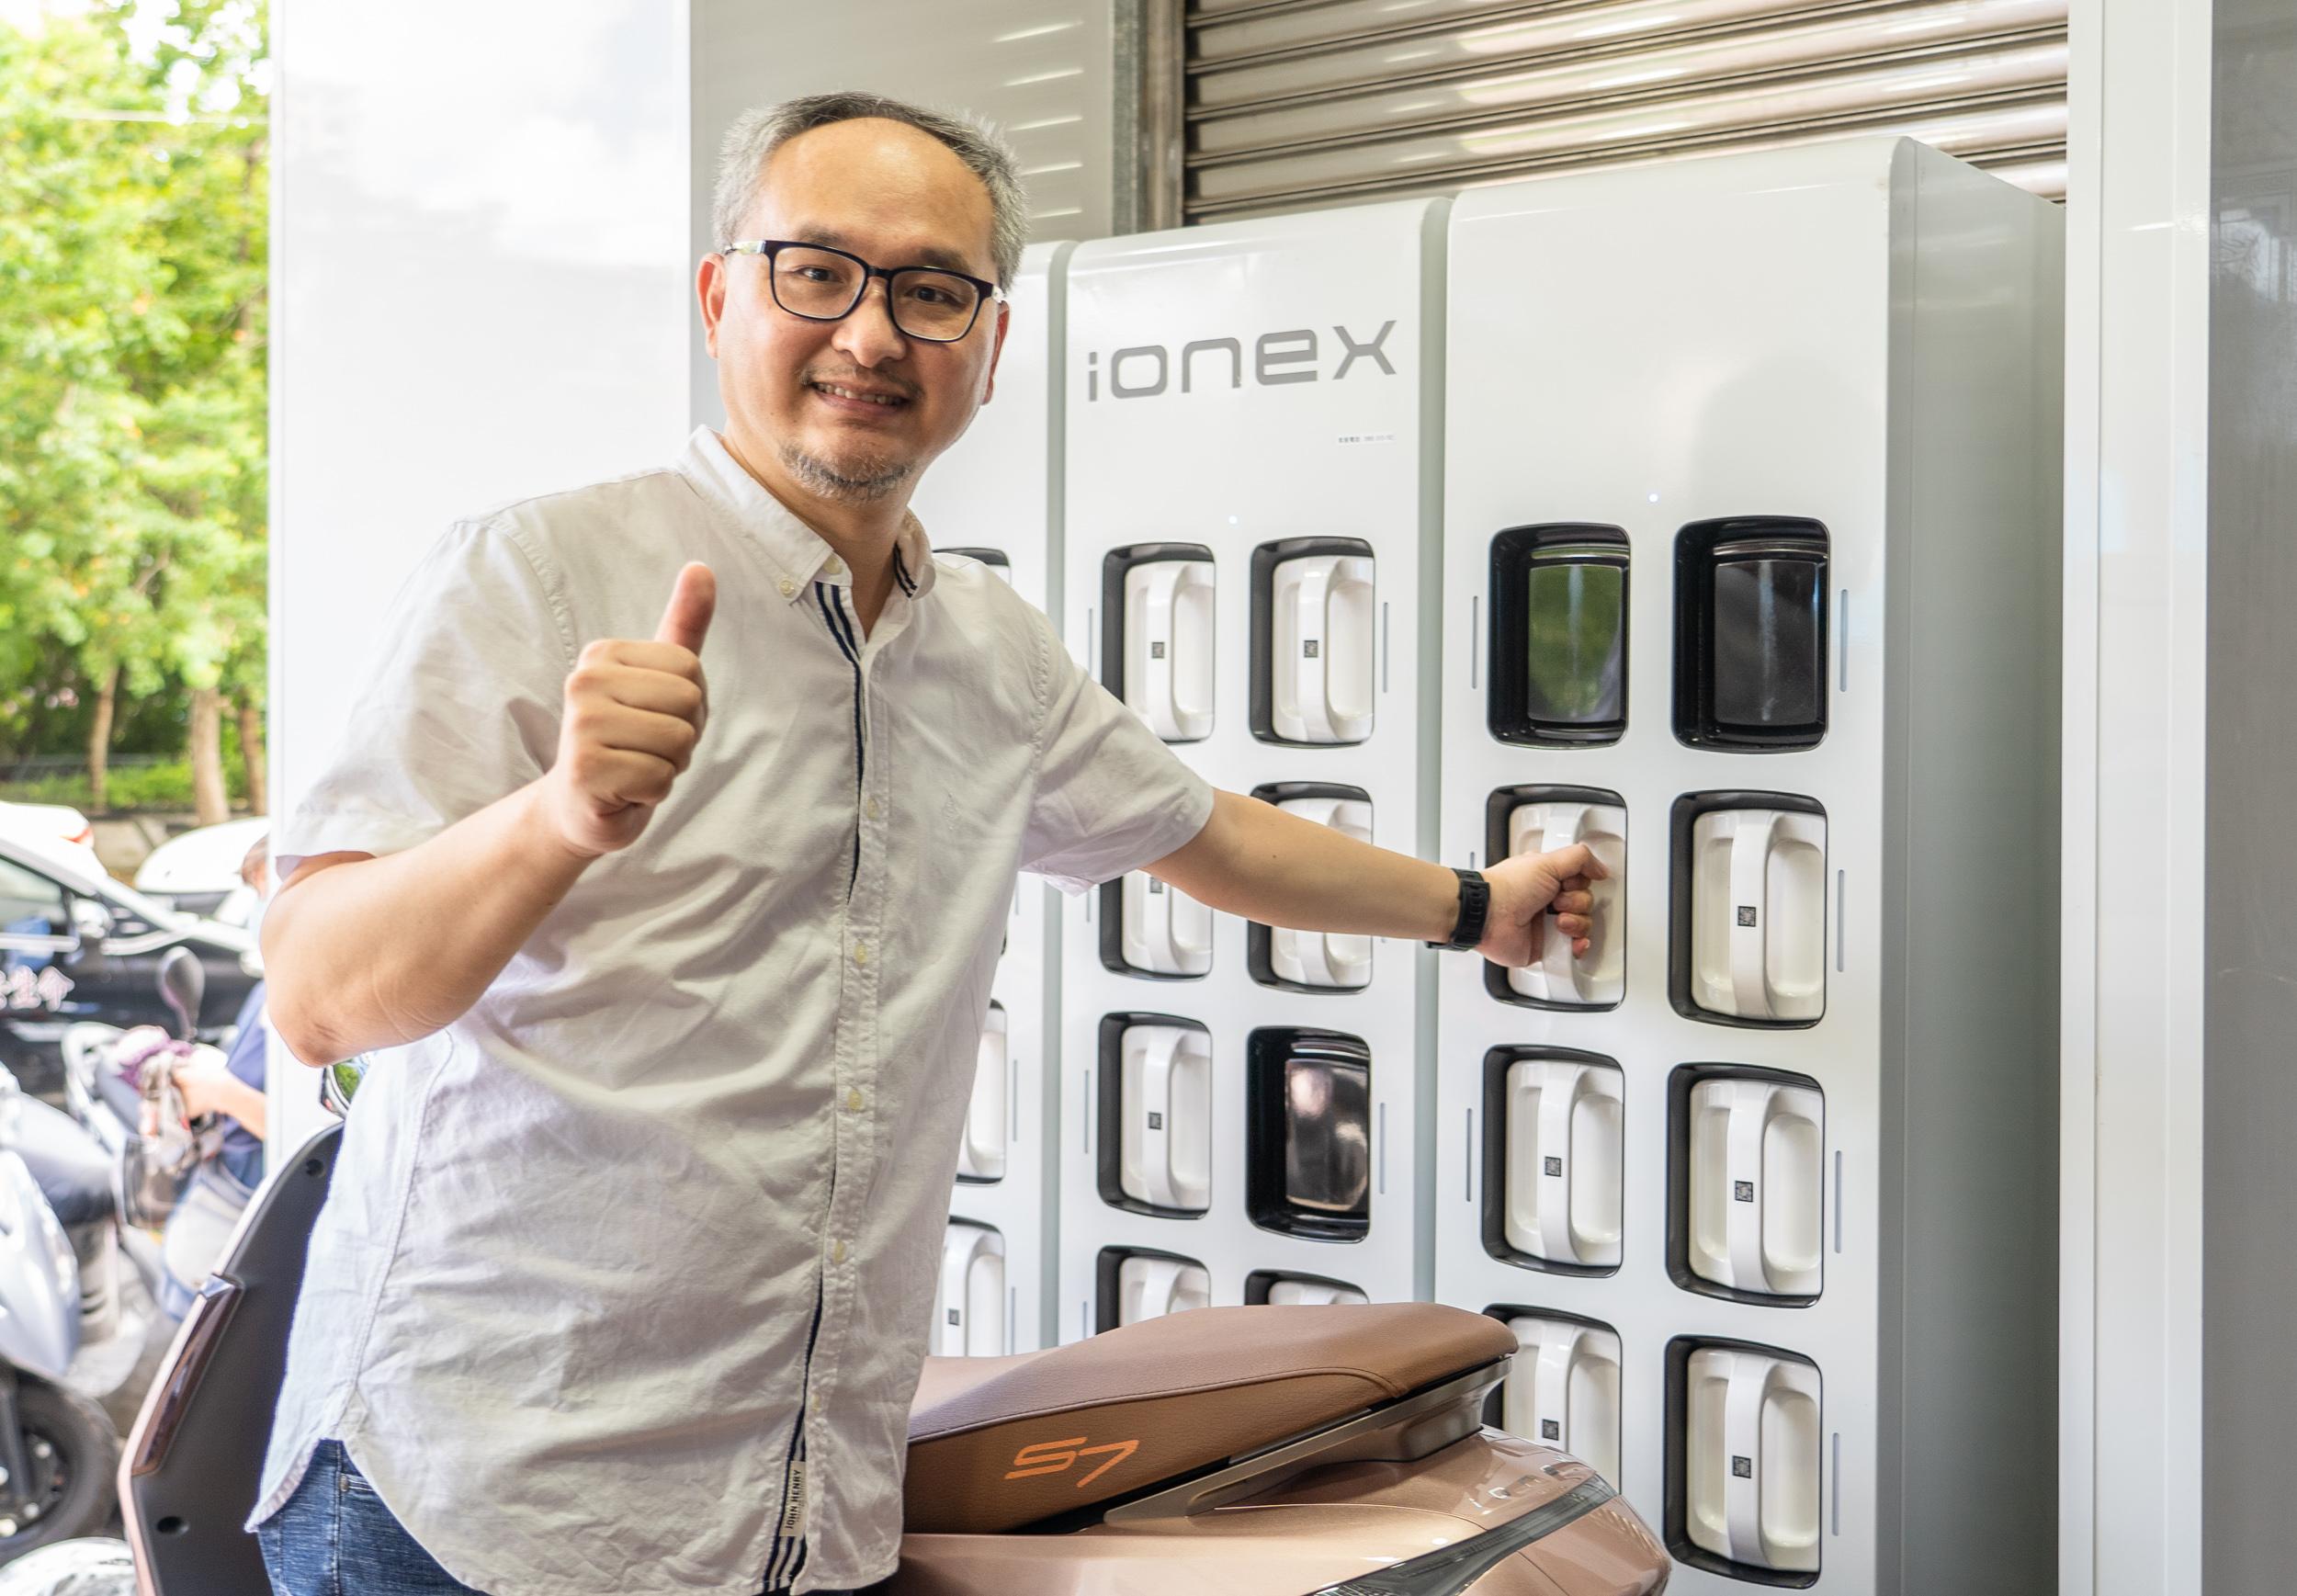 陳明賢總經理認為換電站的建置與「Ionex 尊榮換電」服務的推出,可以進一步加溫 Ionex 3.0 機種銷售買氣。